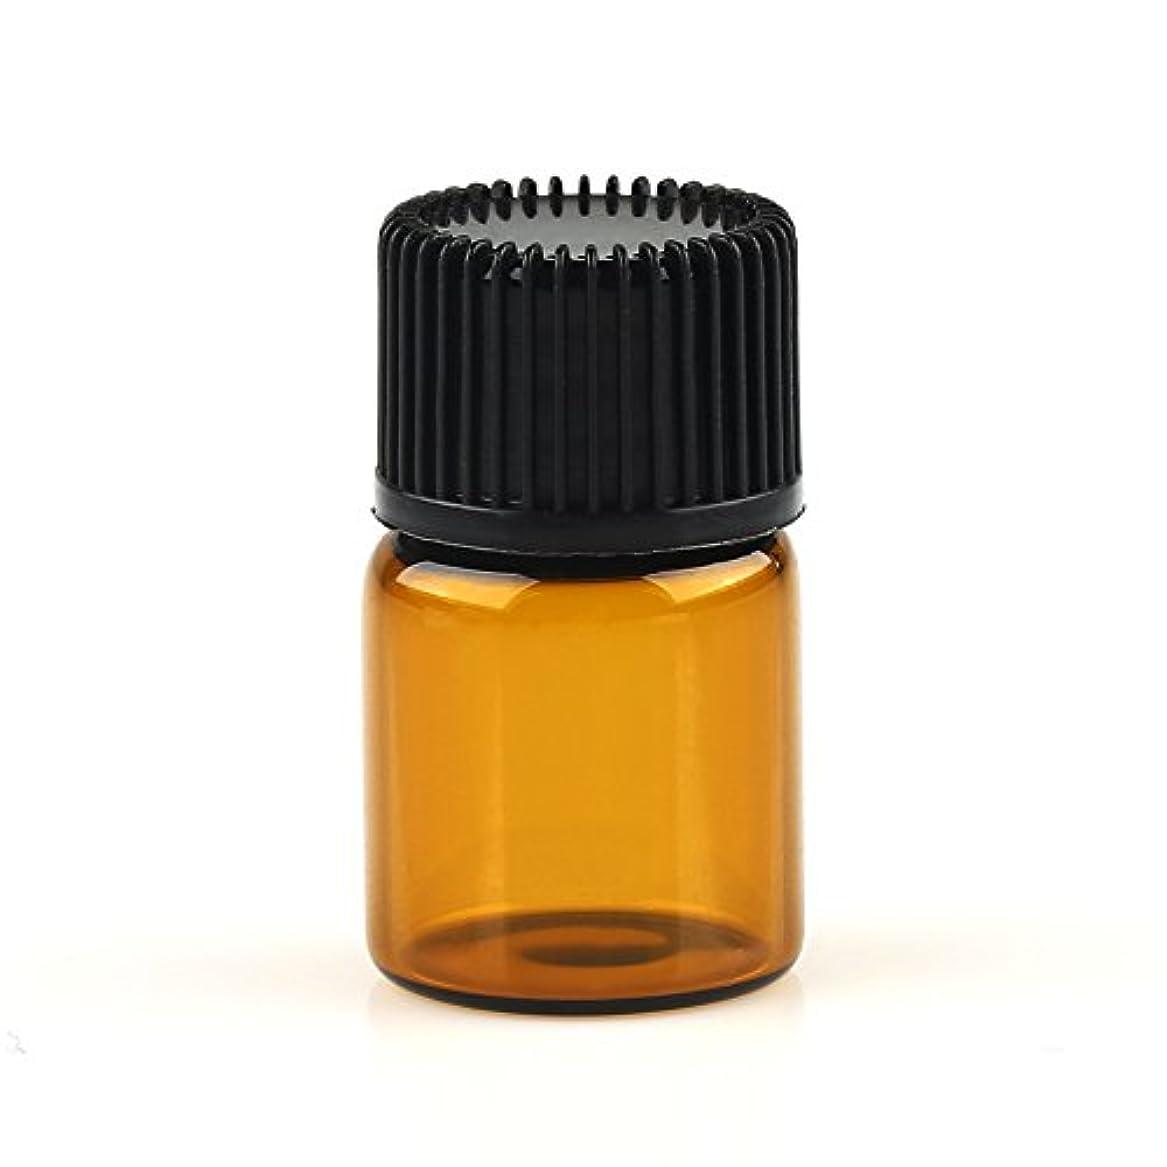 伝統私たちつまずくVERY100 遮光ビン ミニガラスアロマボトル アロマオイル用瓶 キャップ付き 穴付き内蓋 1ml 2ml 3ml 5ml 10本セット アンバー (2ML)